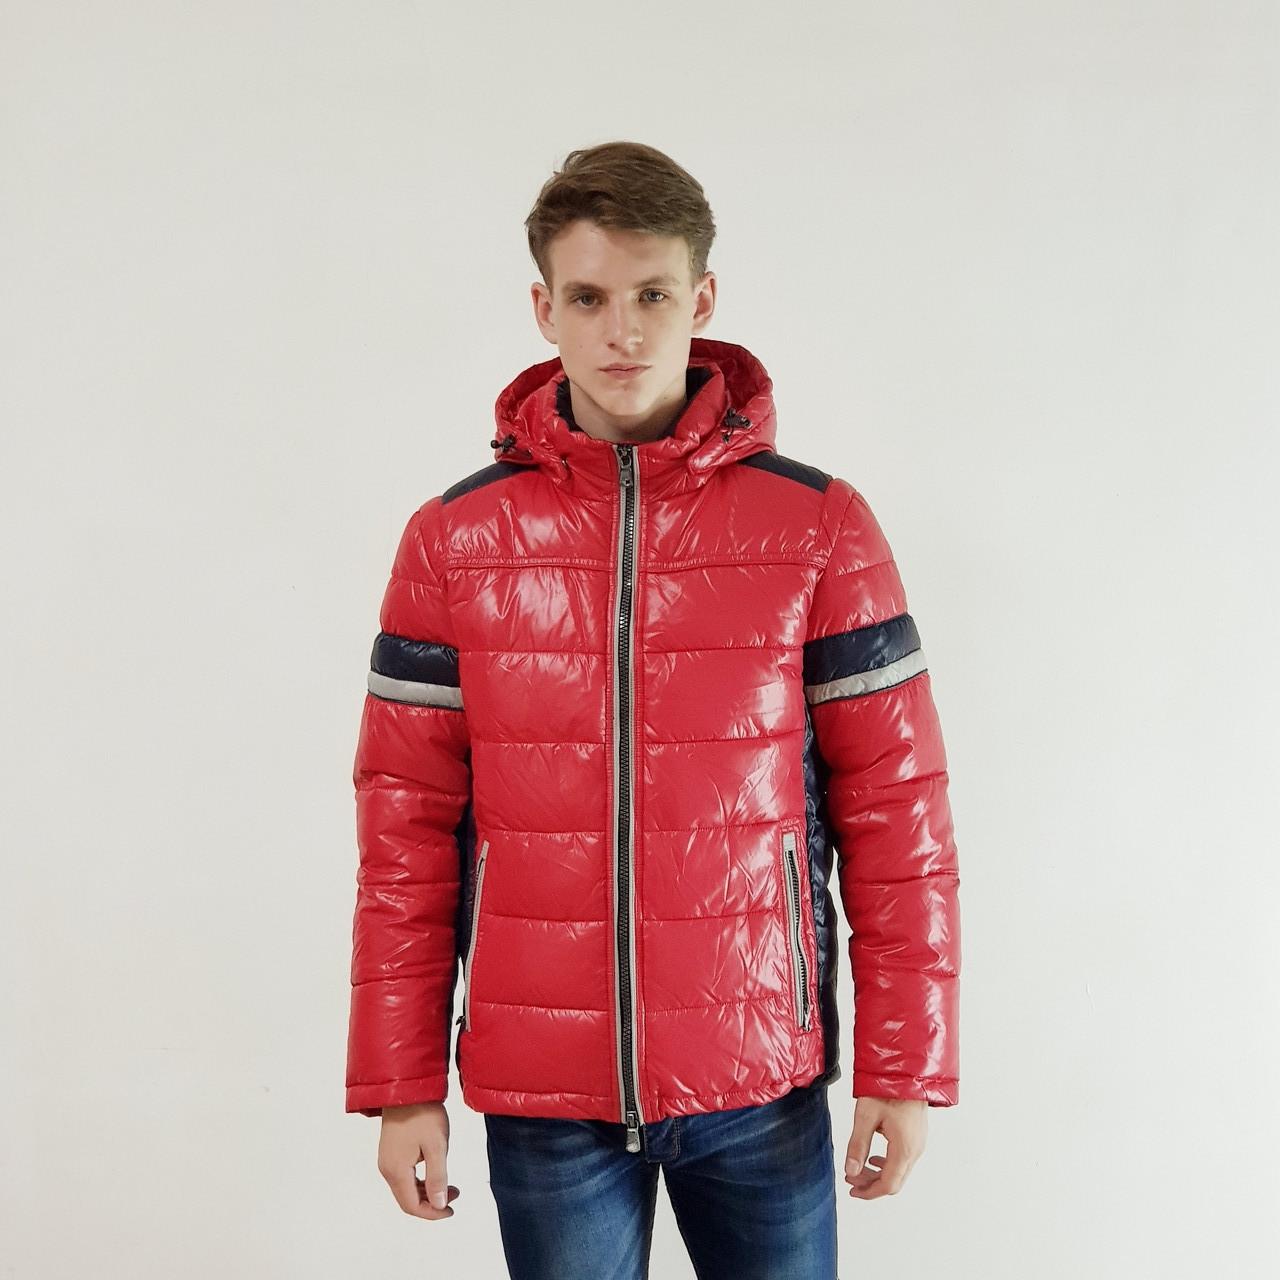 Легкий мужской пуховик Snowimage  красный зимний с капюшоном, распродажа